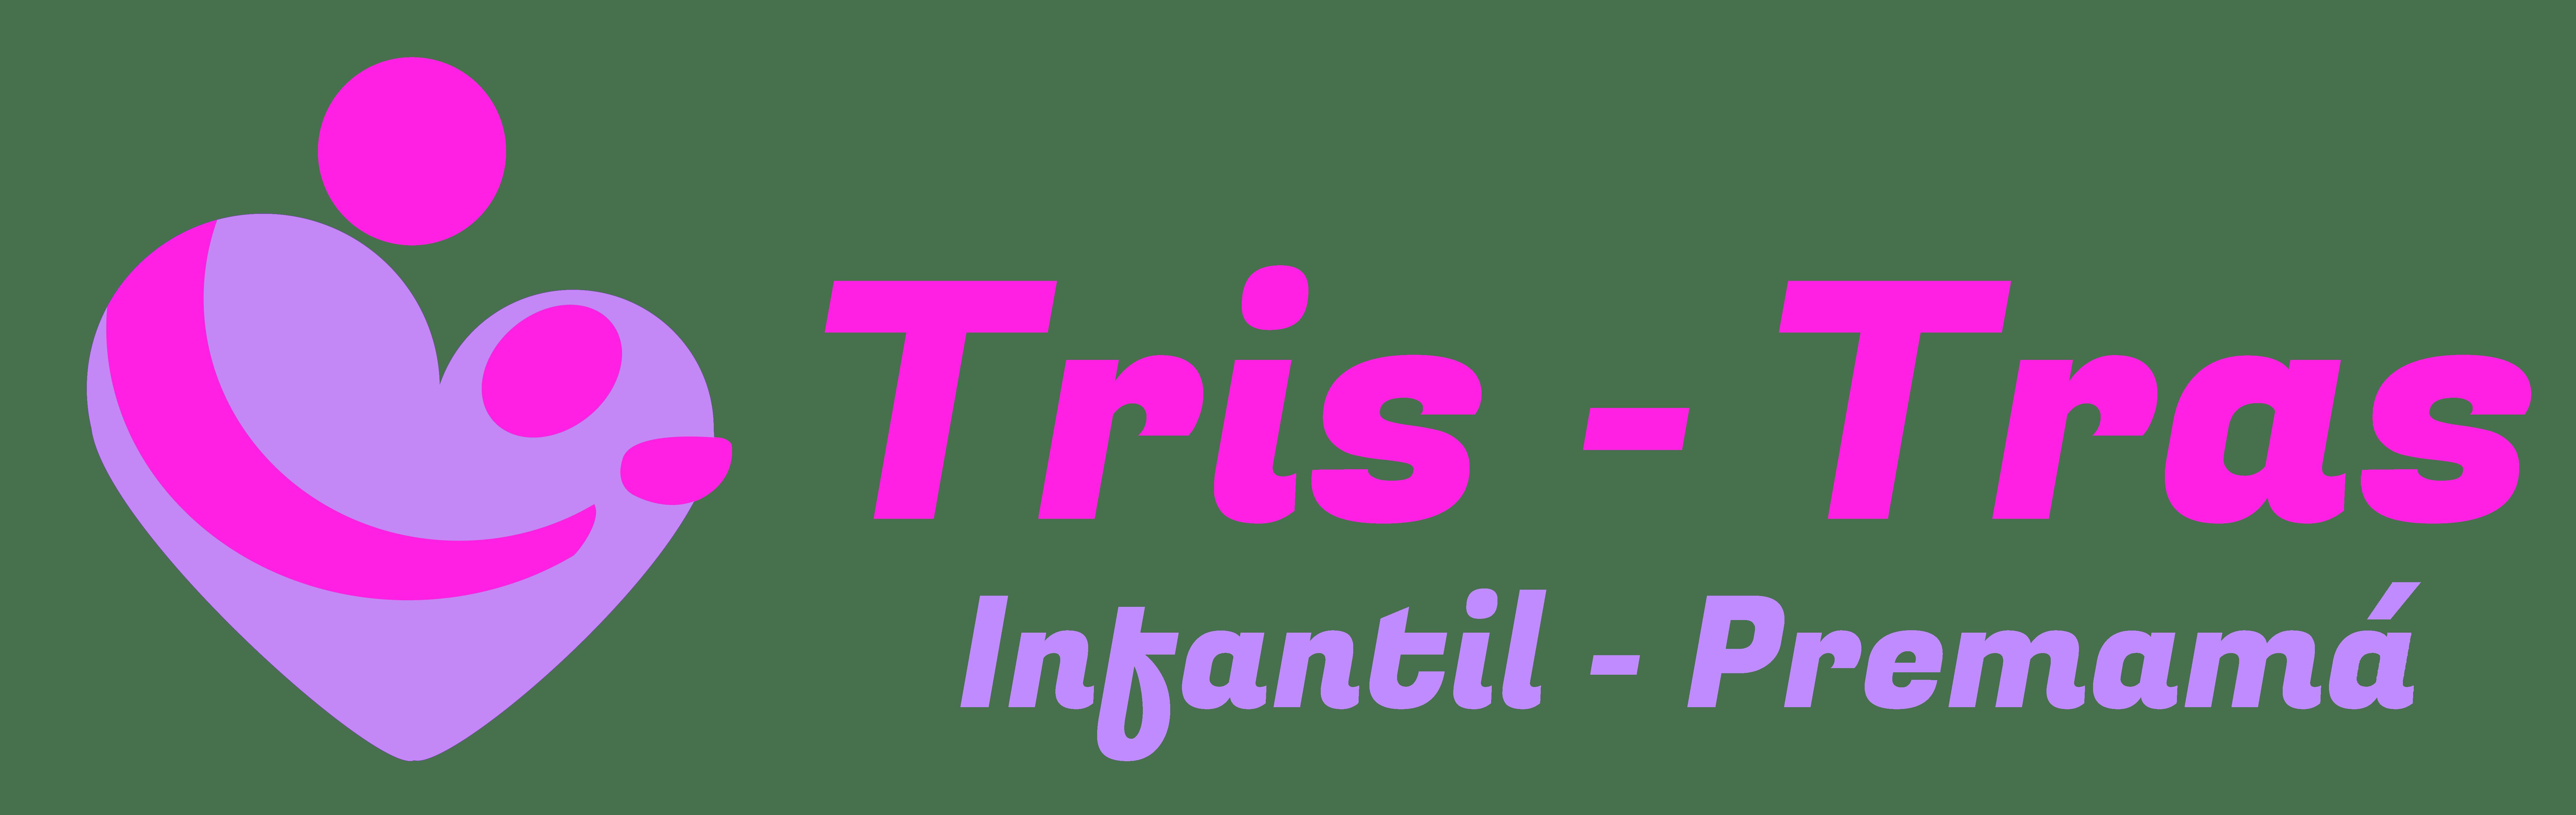 Tienda On-Line Tris-Tras, todo para tu bebe.